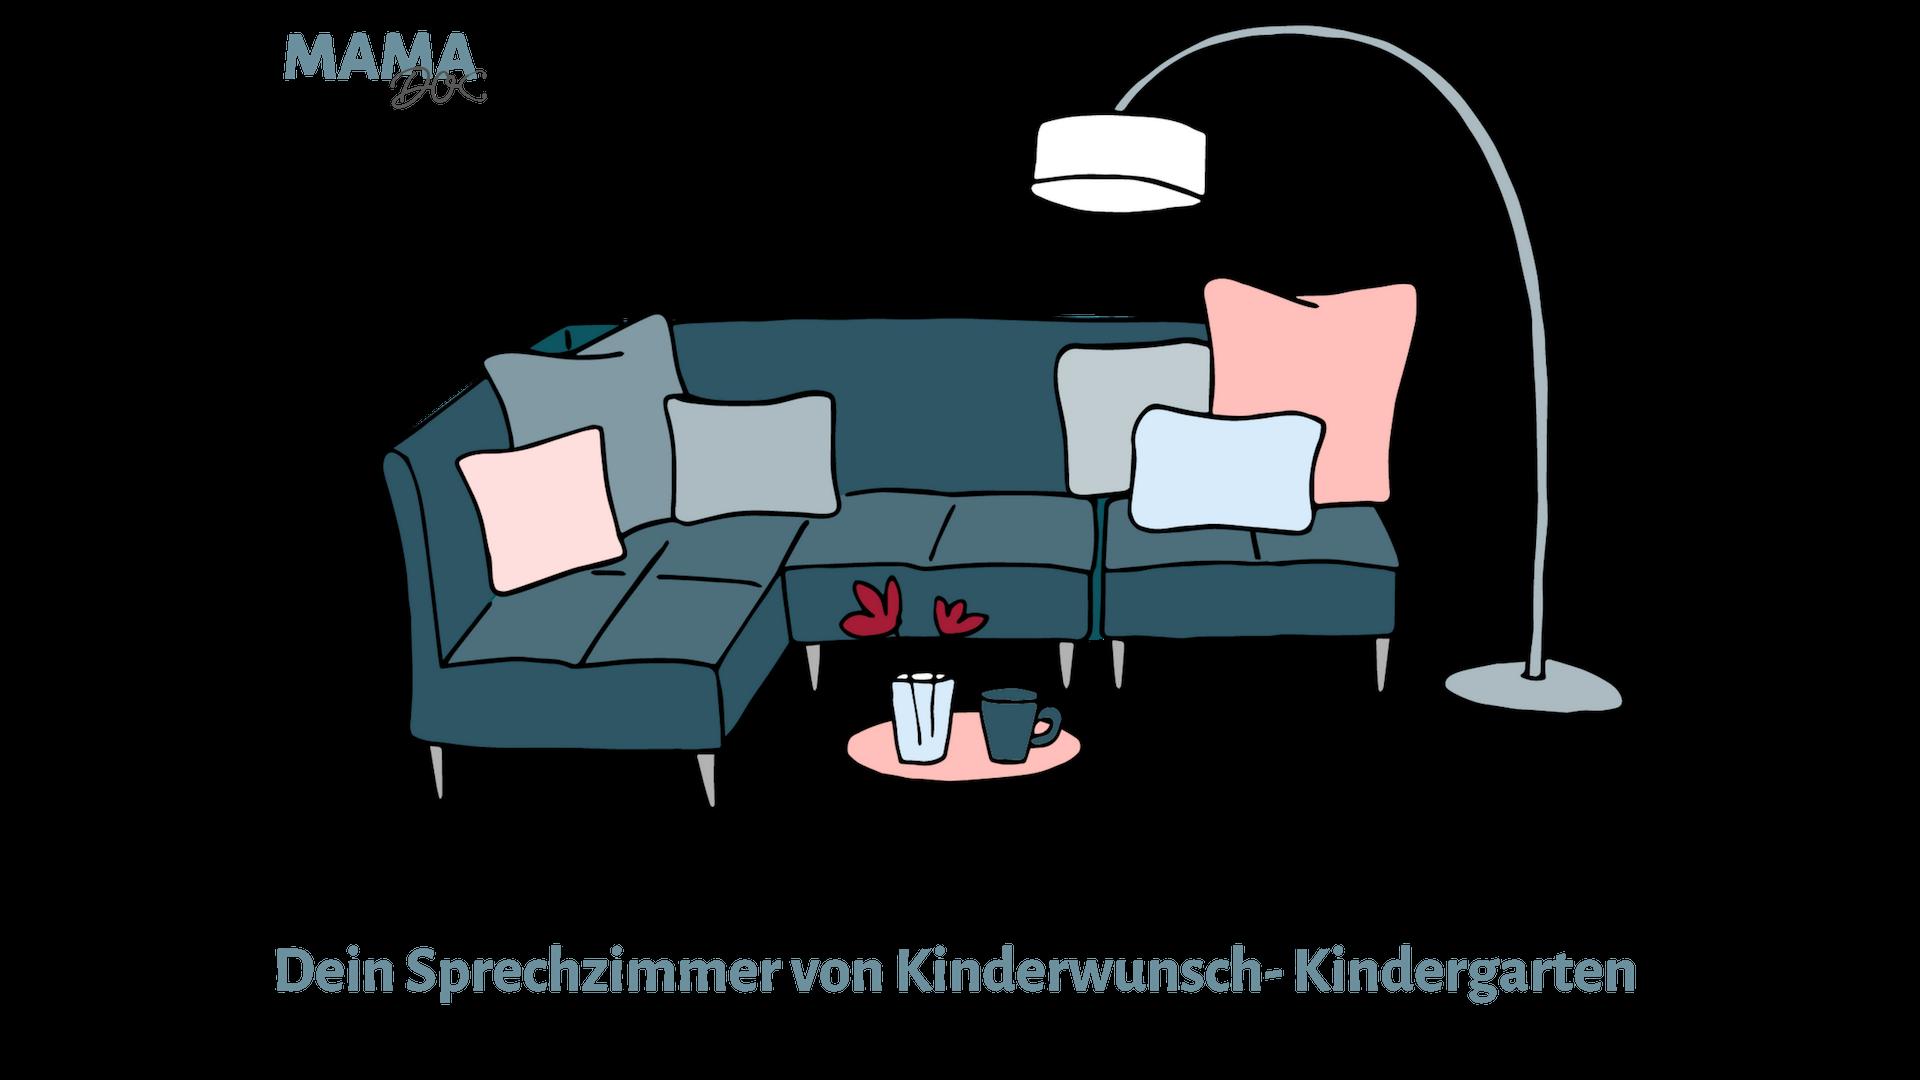 Mamadoc Sprechzimmer: Mitgliederbereich von Kinderwunsch bis Kindergarten by Dr. Marie-Luise Lipp